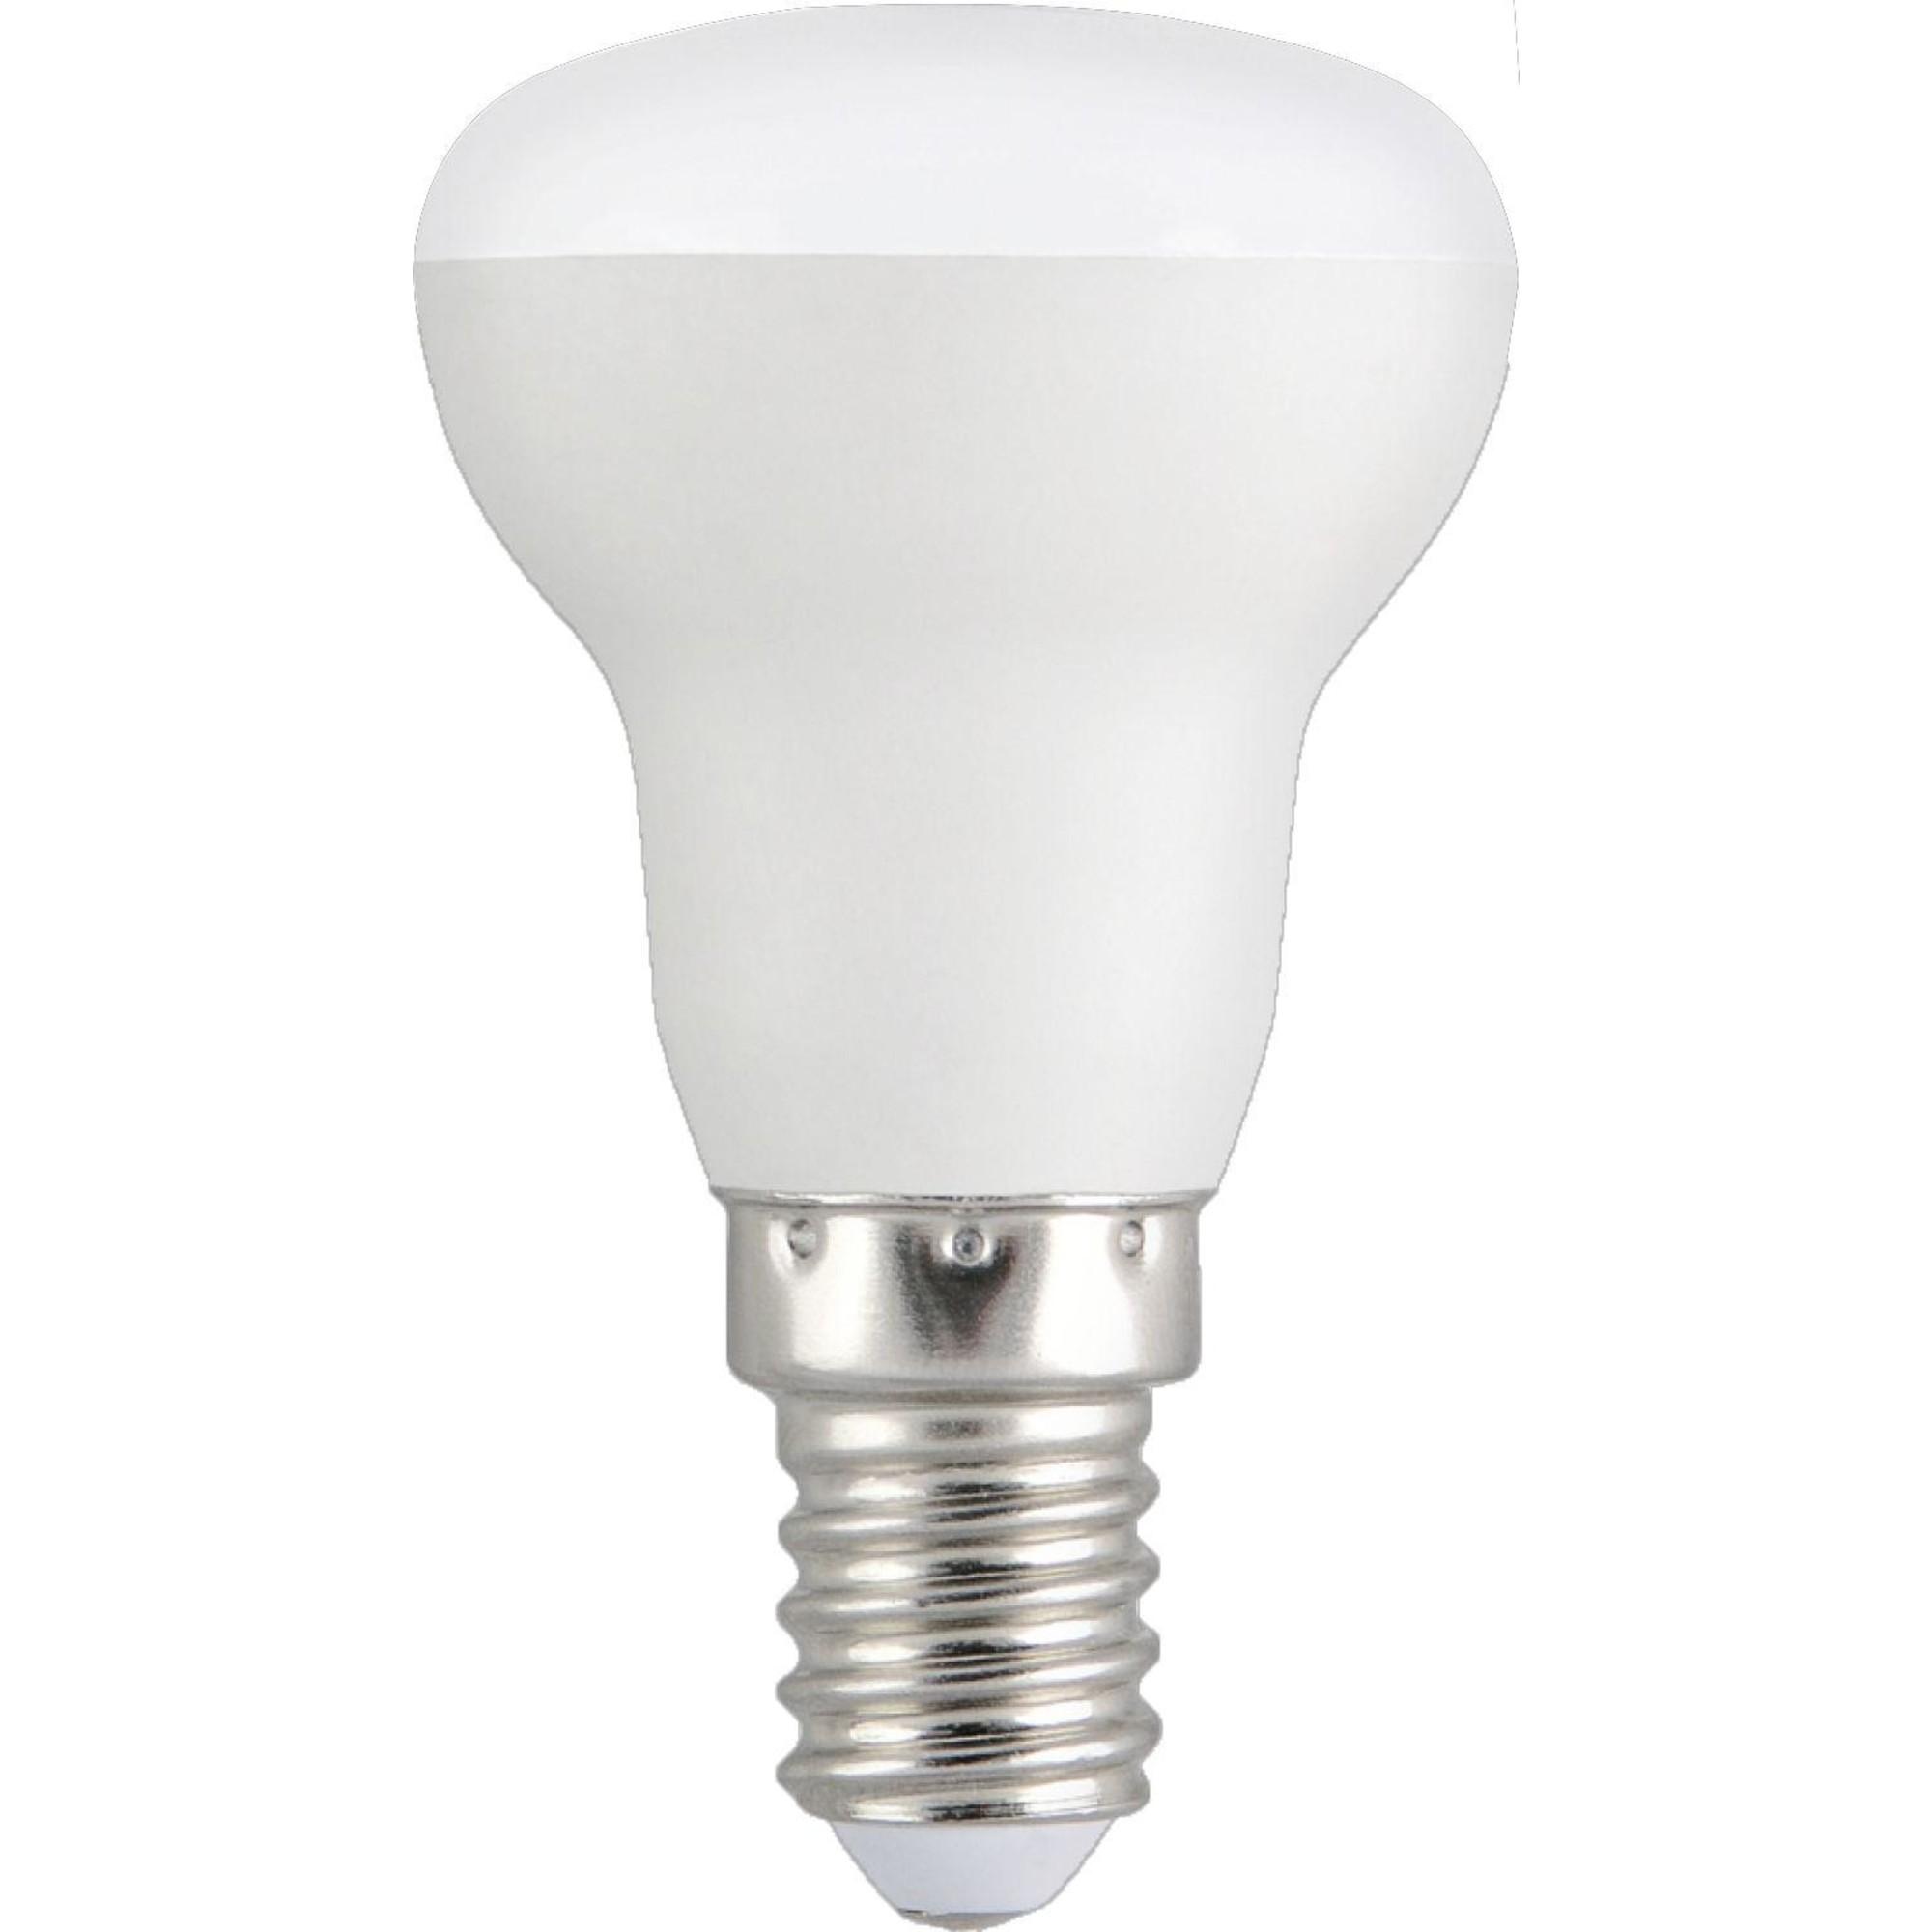 Лампа Ecola Premium светодионая E14 5.20 Вт рефлекторная 460 Лм теплый свет